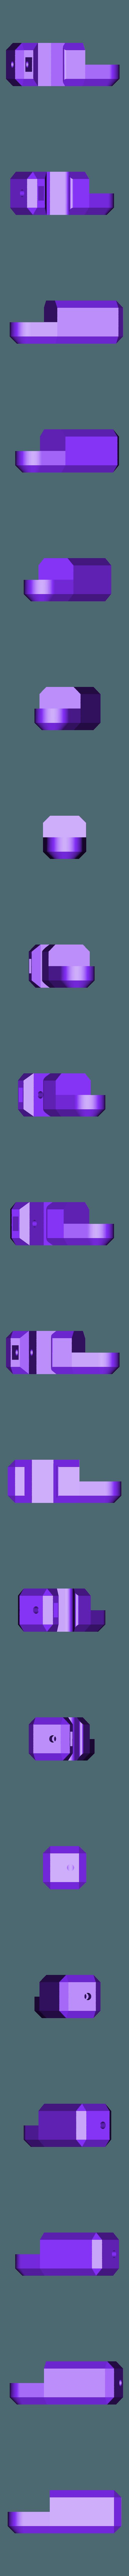 Bosshead_Hinge.stl Télécharger fichier STL gratuit Kit de supports, de pinces et d'équipement • Modèle pour impression 3D, TinkersProjects